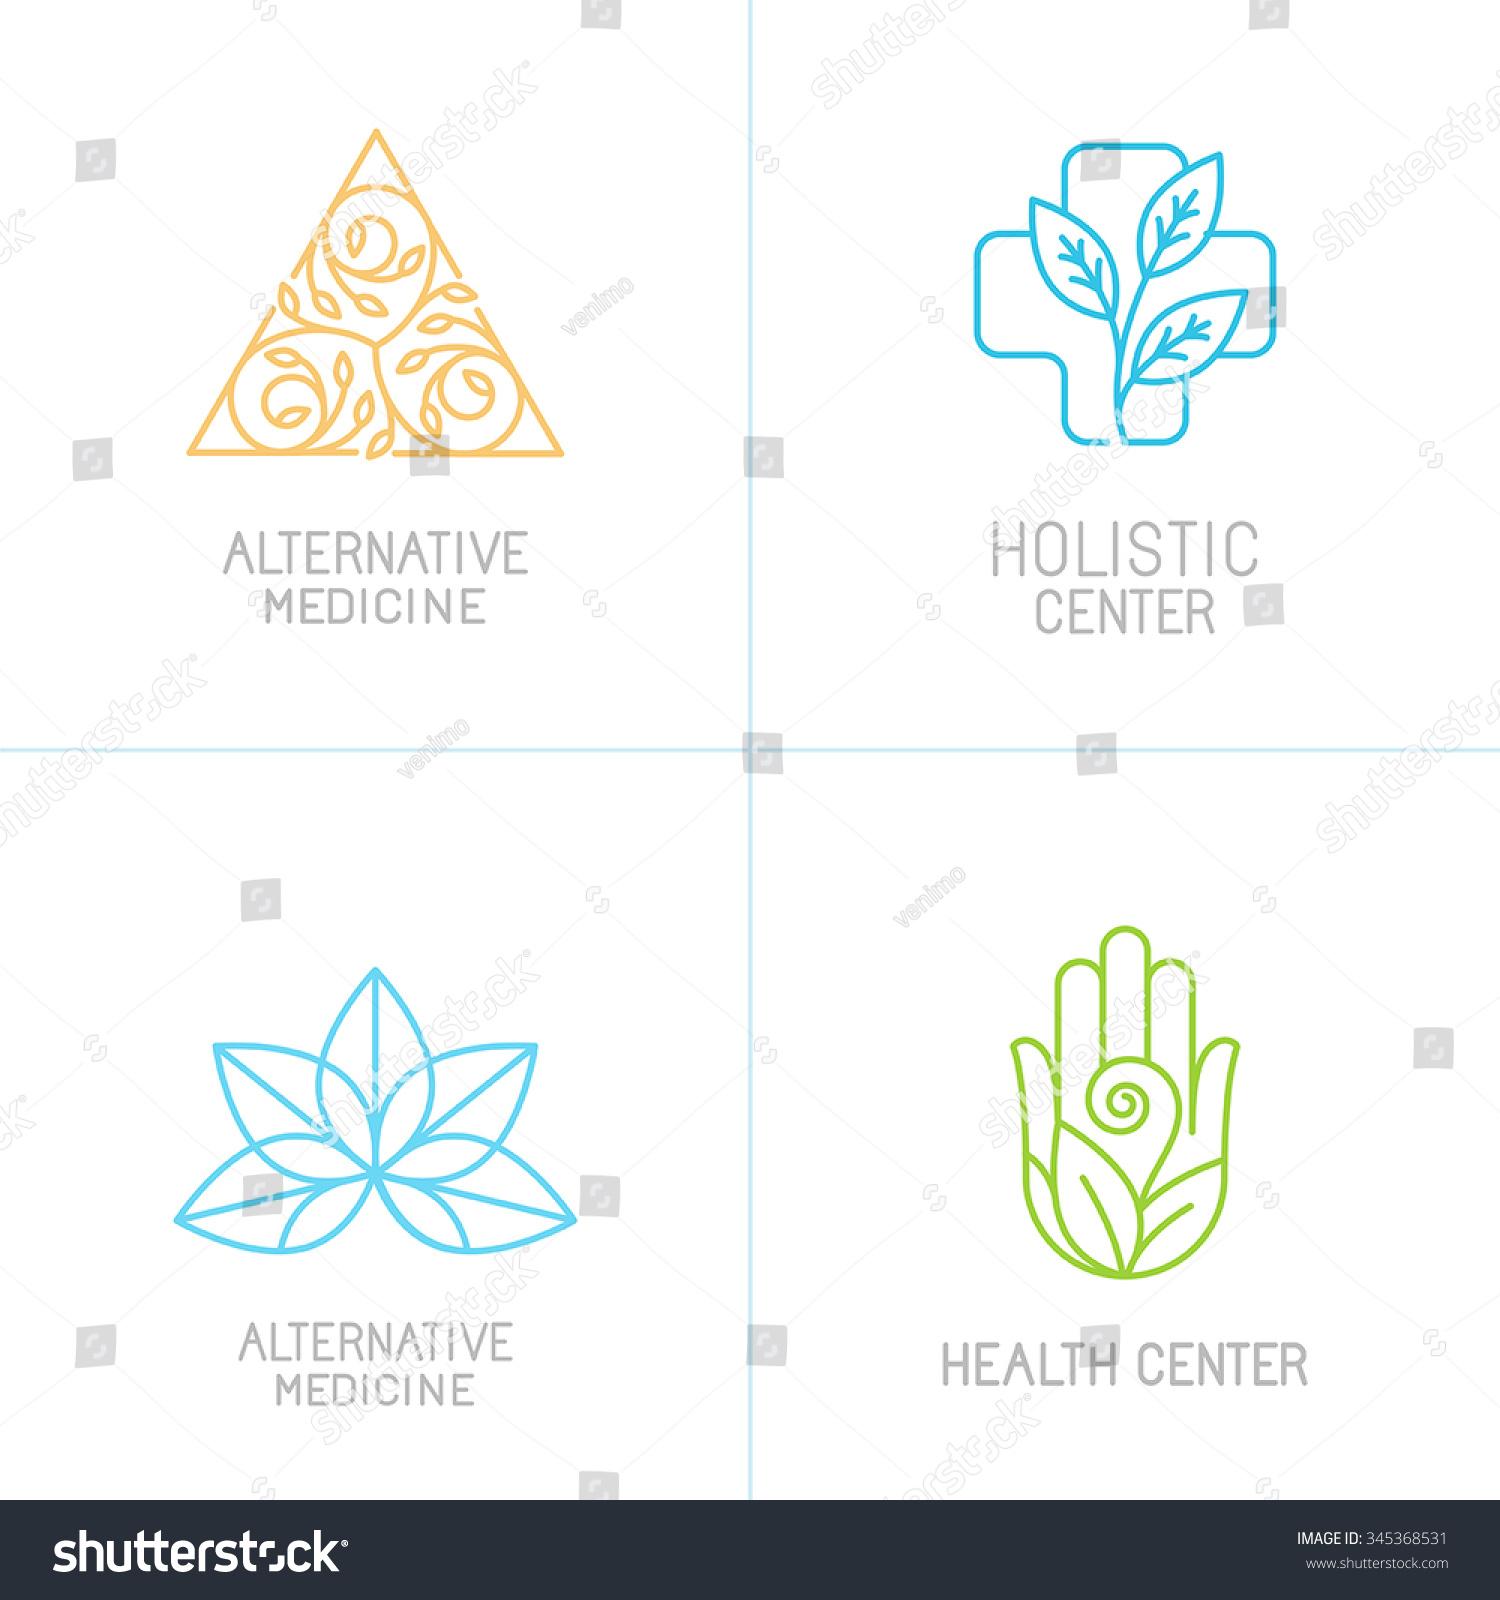 Vector Concepts Logo Design Templates Trendy Stock Vector